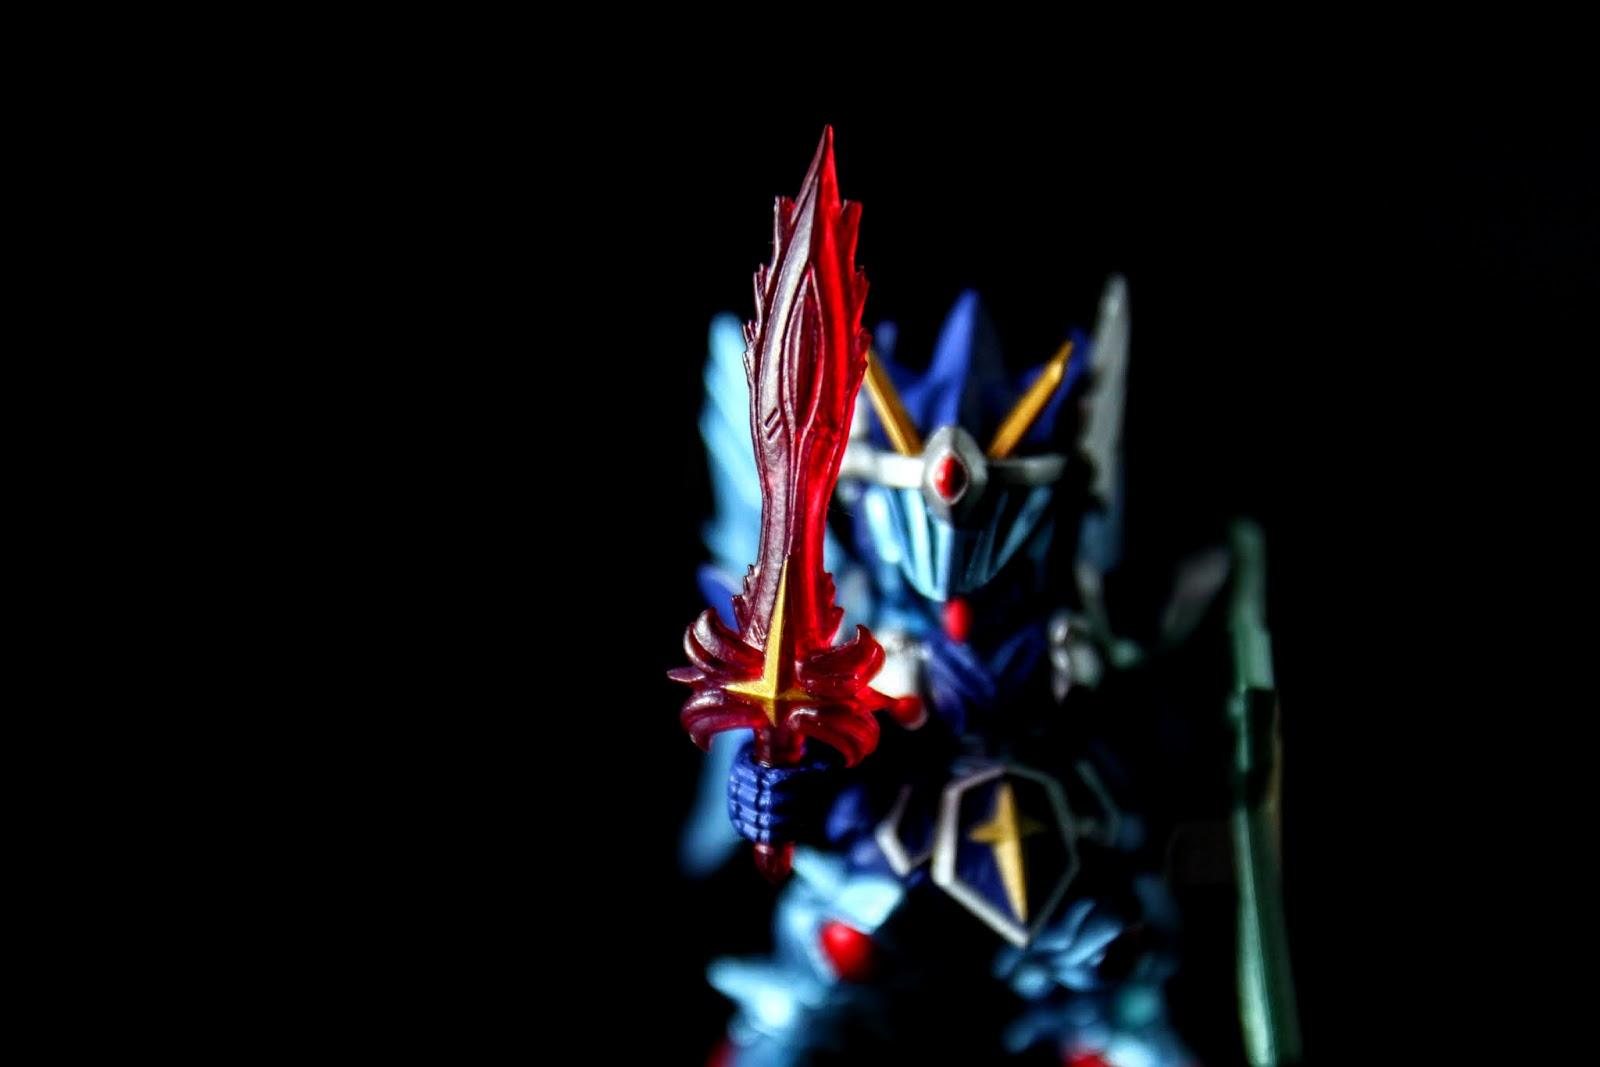 三神器之一的炎之劍, 可惜拿到的這組有點彎